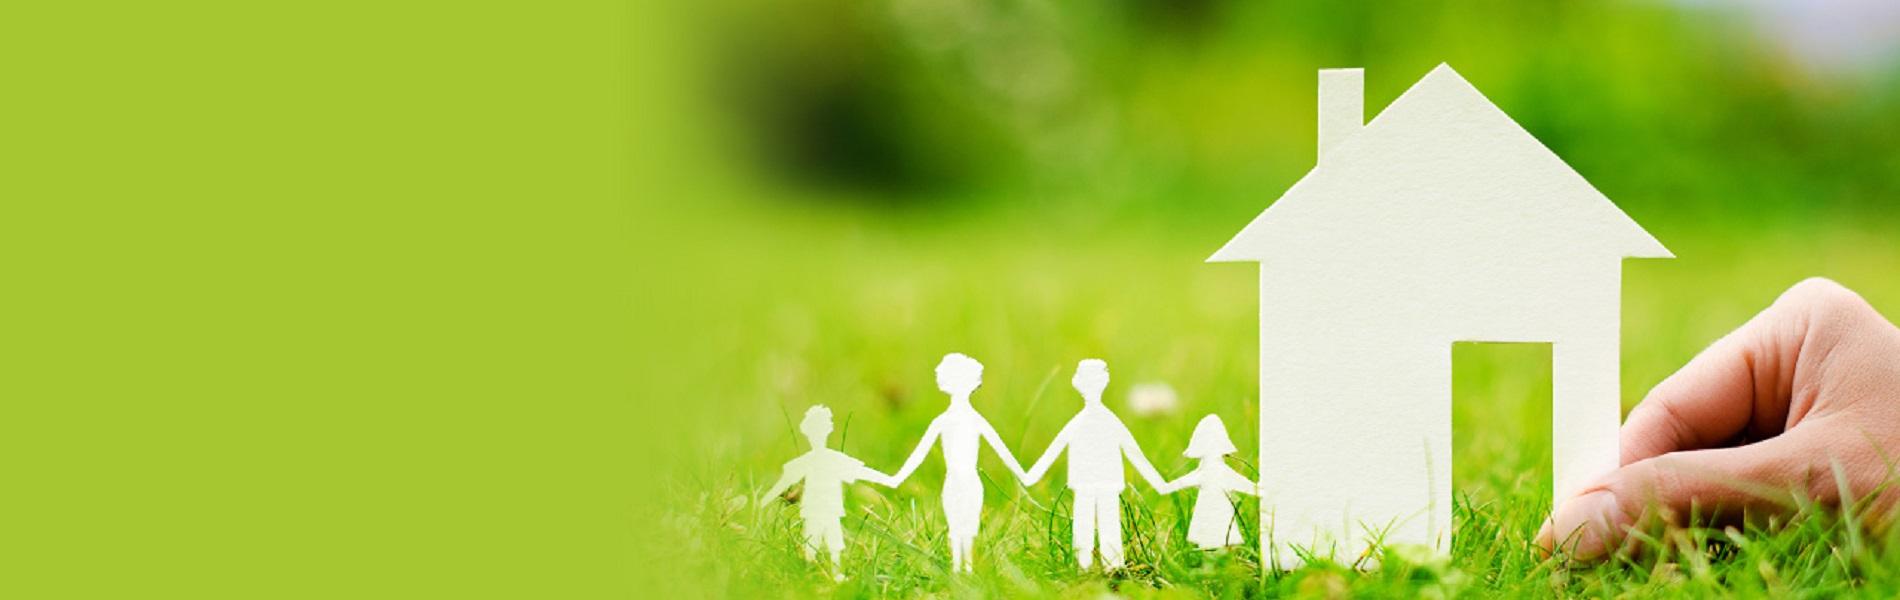 安全回家是維繫員工幸福最基本的條件